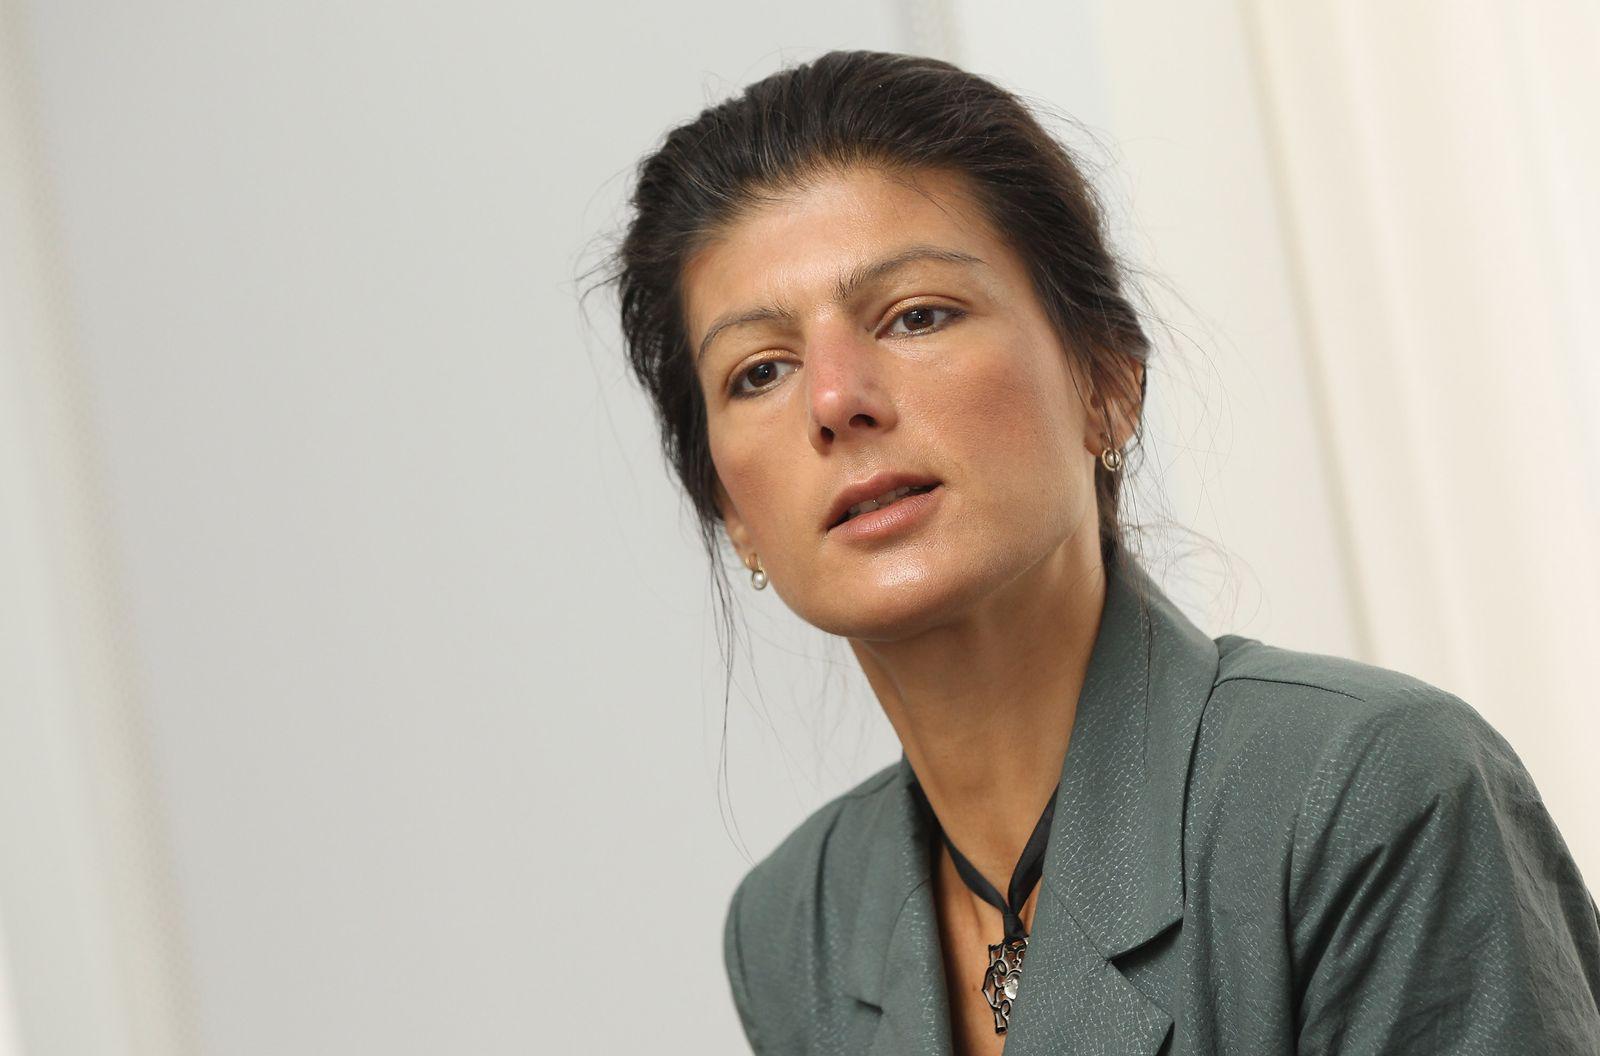 Sahra Wagenknecht/